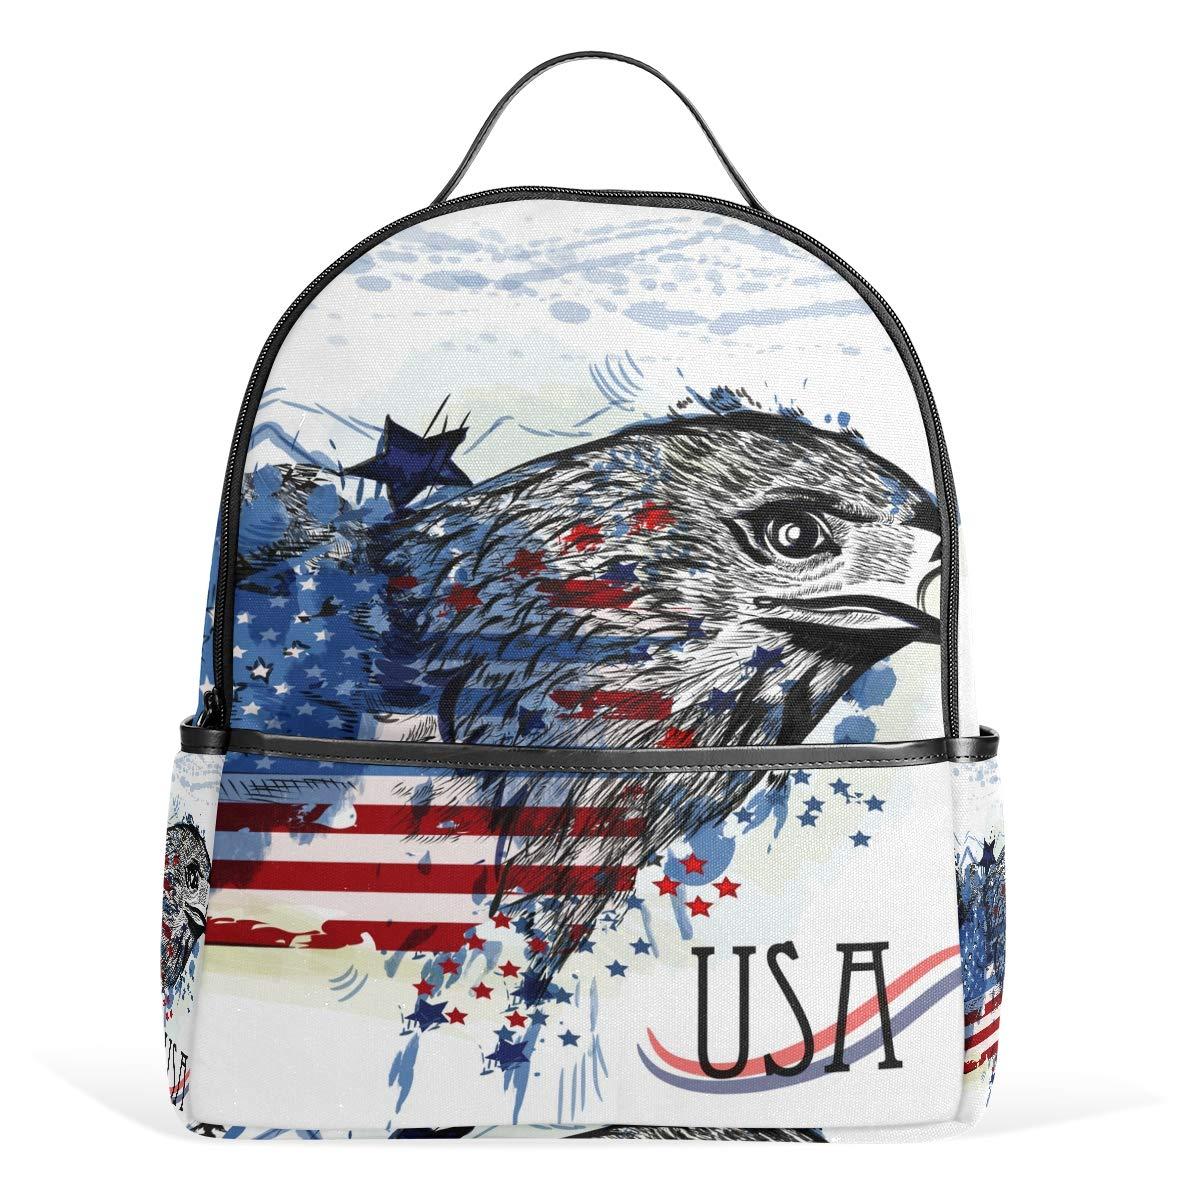 スクールバックパック イーグル旅行バッグ ティーンエイジャー用 男の子 女の子用   B07G9XNLT8